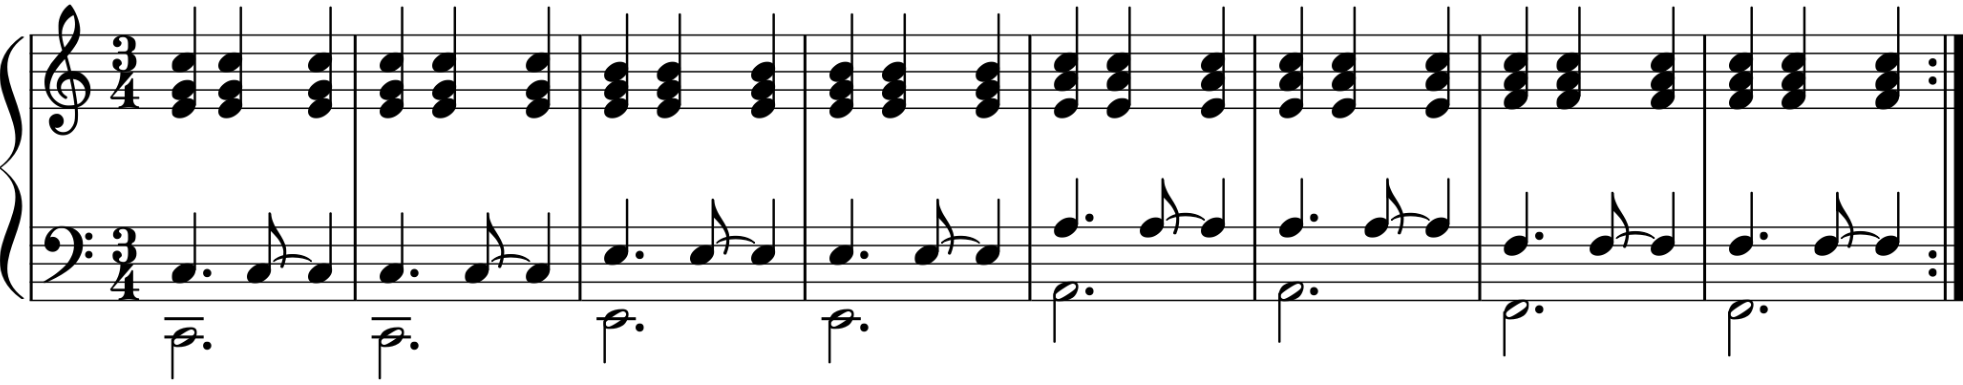 34-rhythm